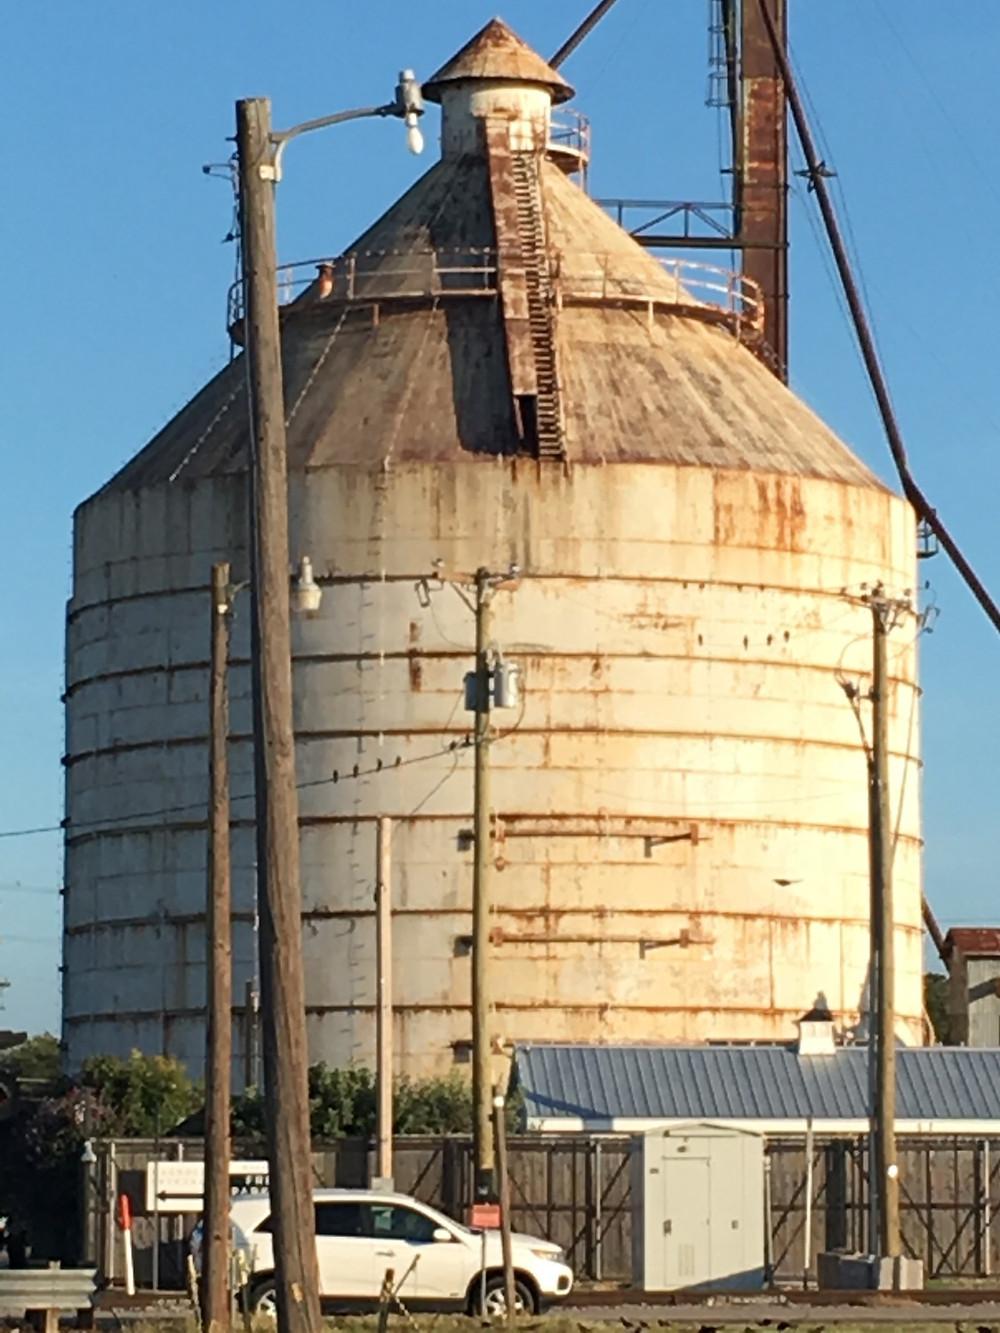 Silos, Waco Texas